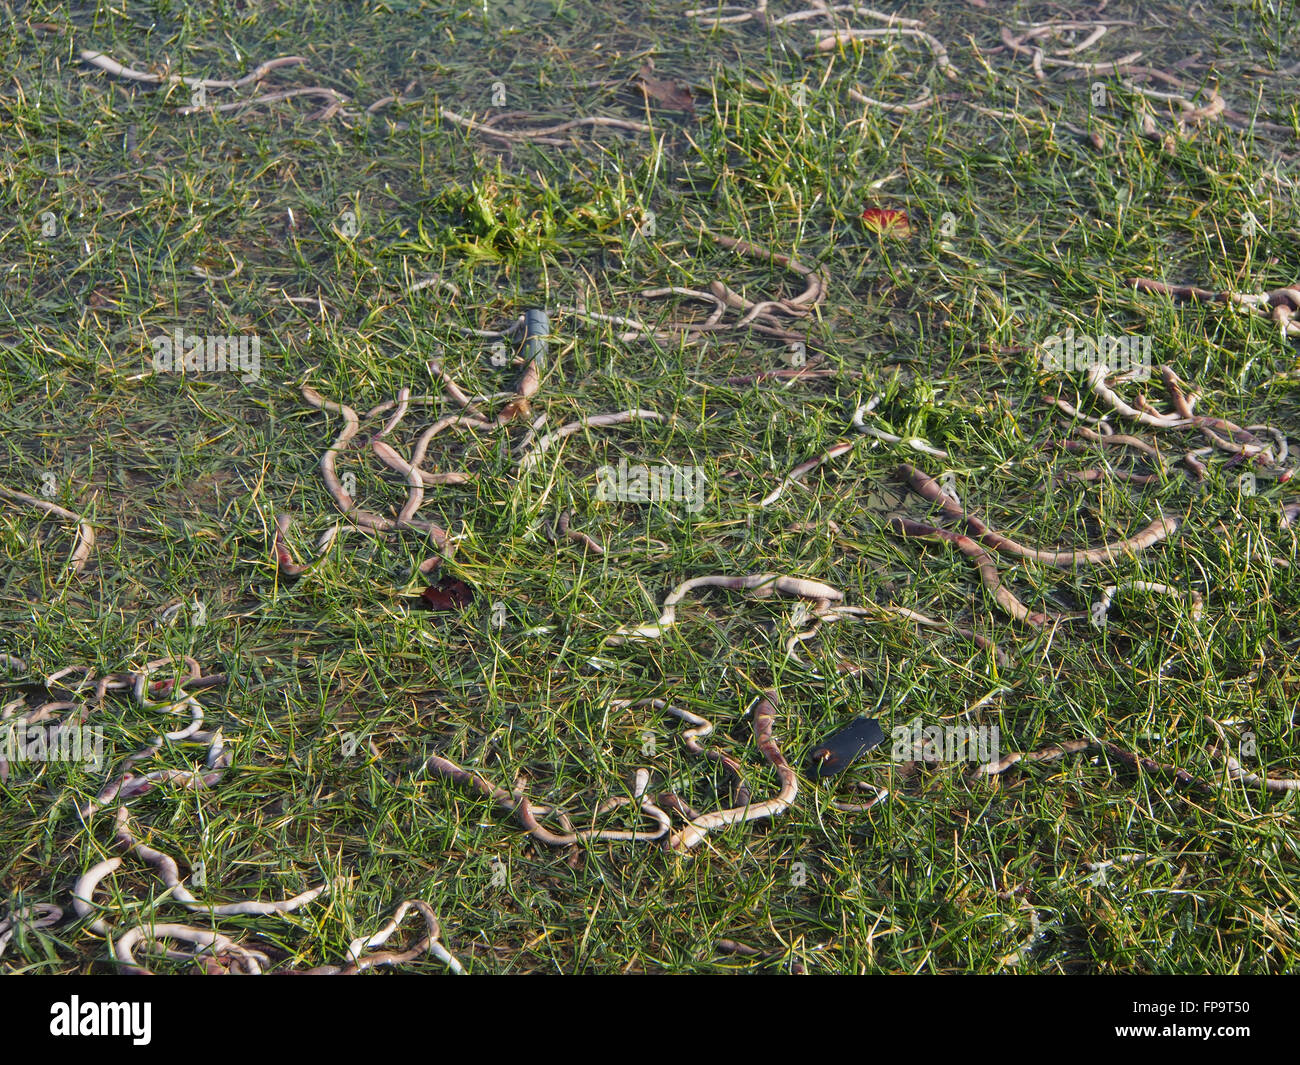 Una moltitudine di lombrichi superficie su un campo allagato dopo la pioggia pesante Foto Stock